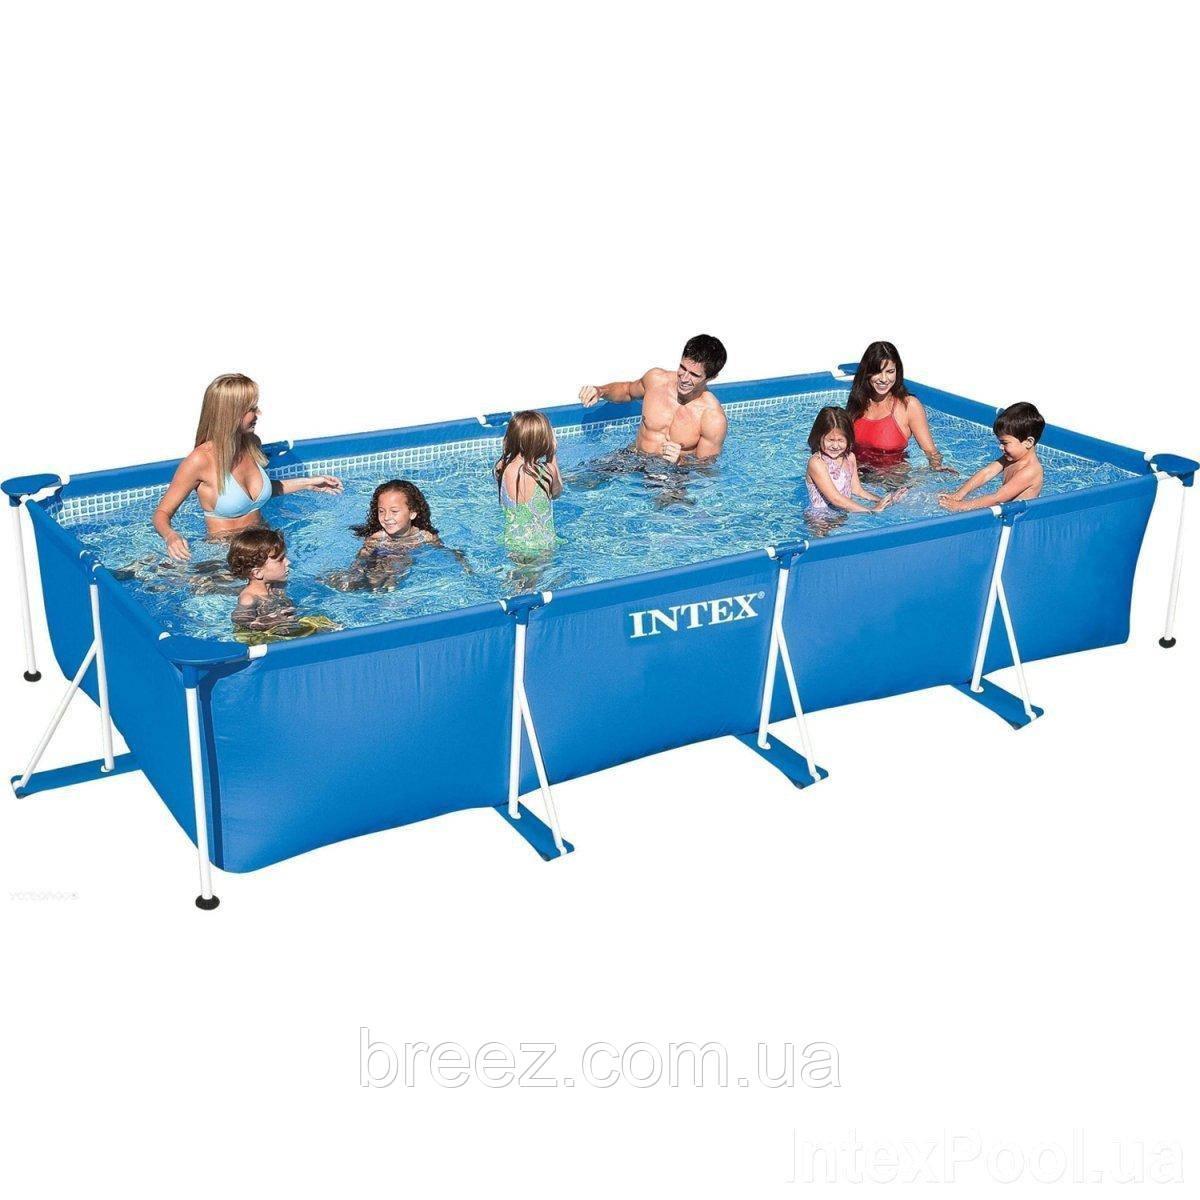 Каркасный бассейн Intex 450 х 220 х 84 см